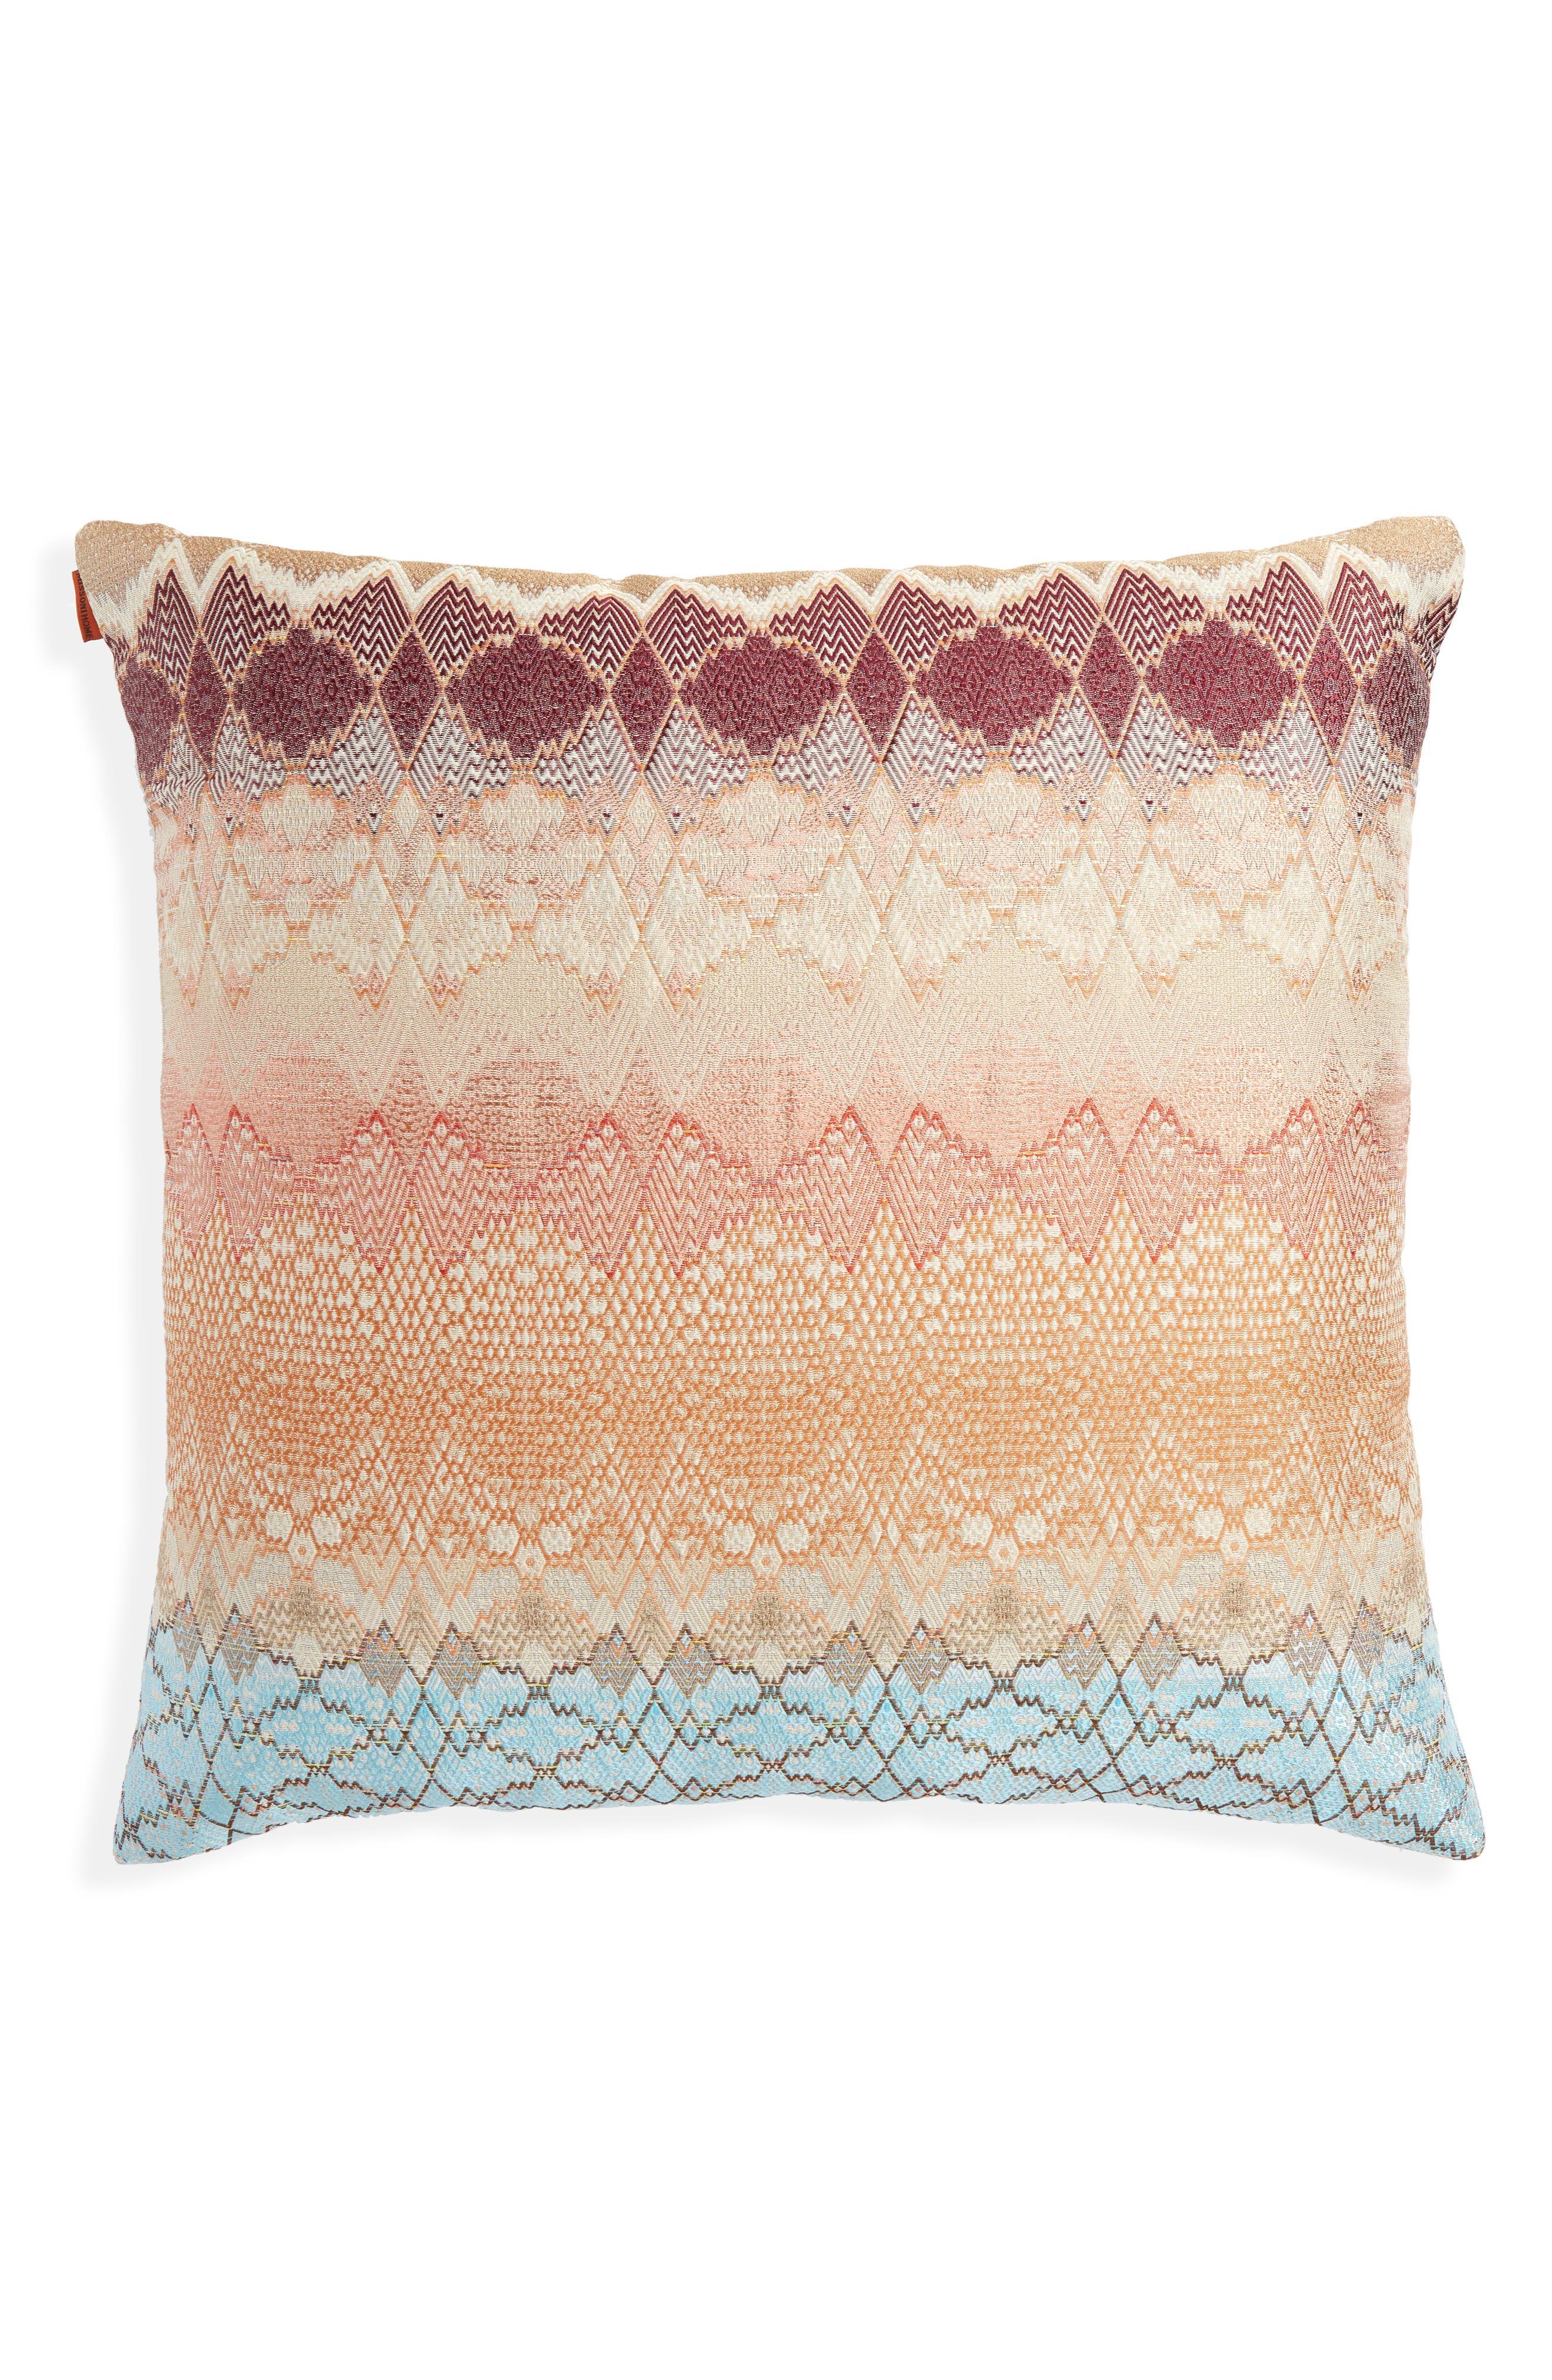 Tbilissi Accent Pillow,                         Main,                         color, Multi Color